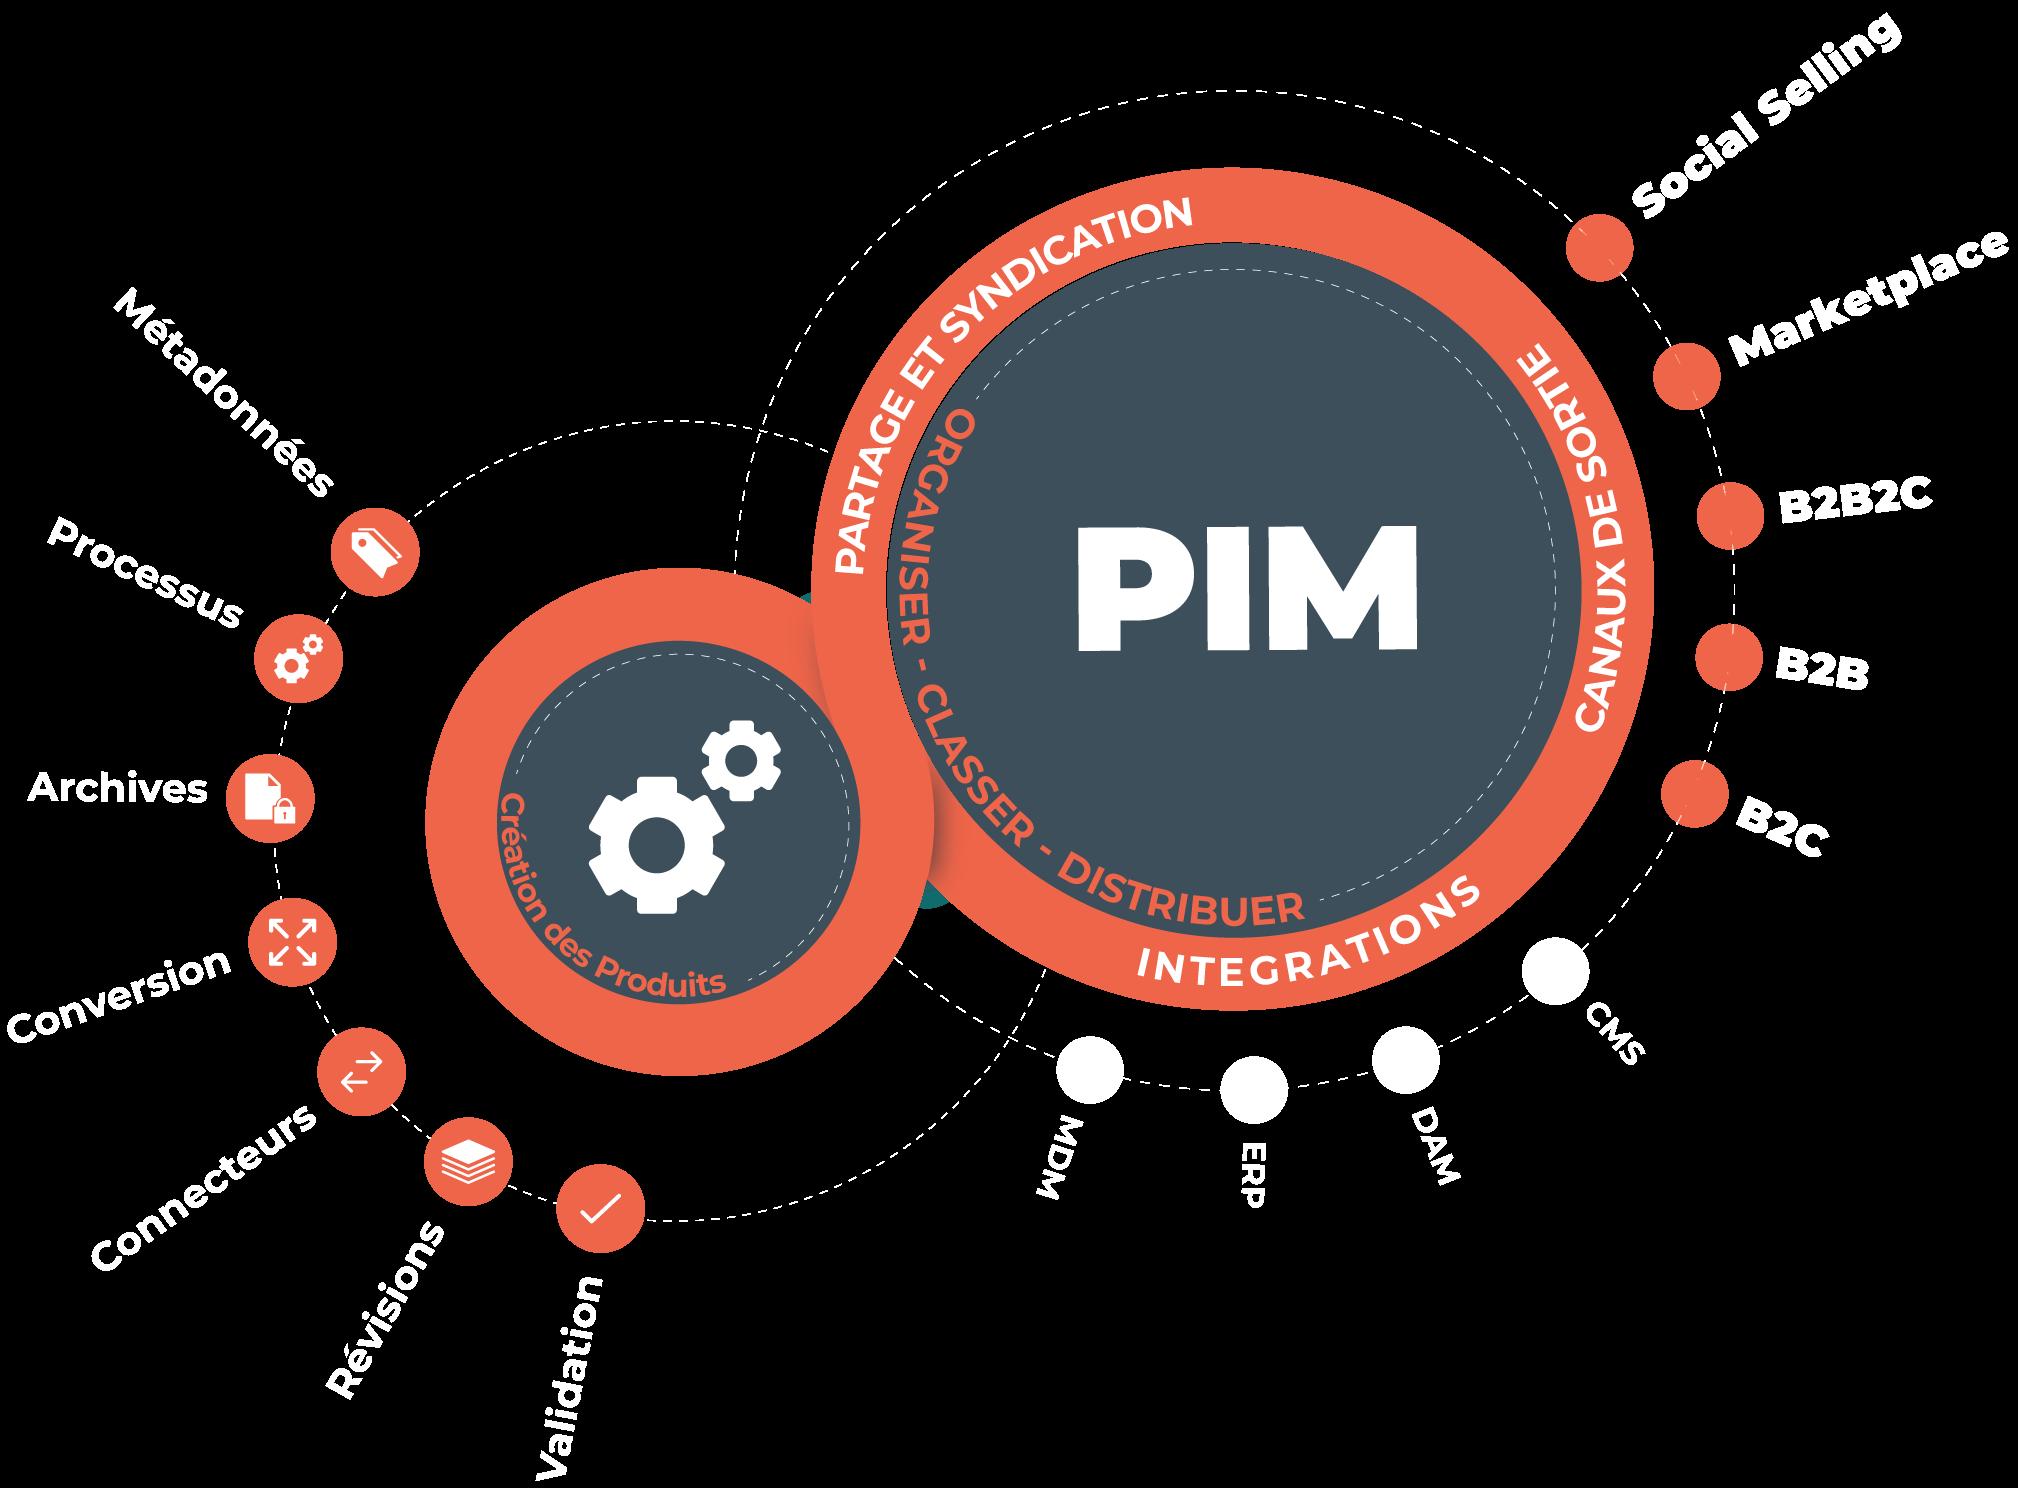 Le PIM, pour Product Information Management, permet à l'entreprise de créer, stocker et gérer l'ensemble des données produits.